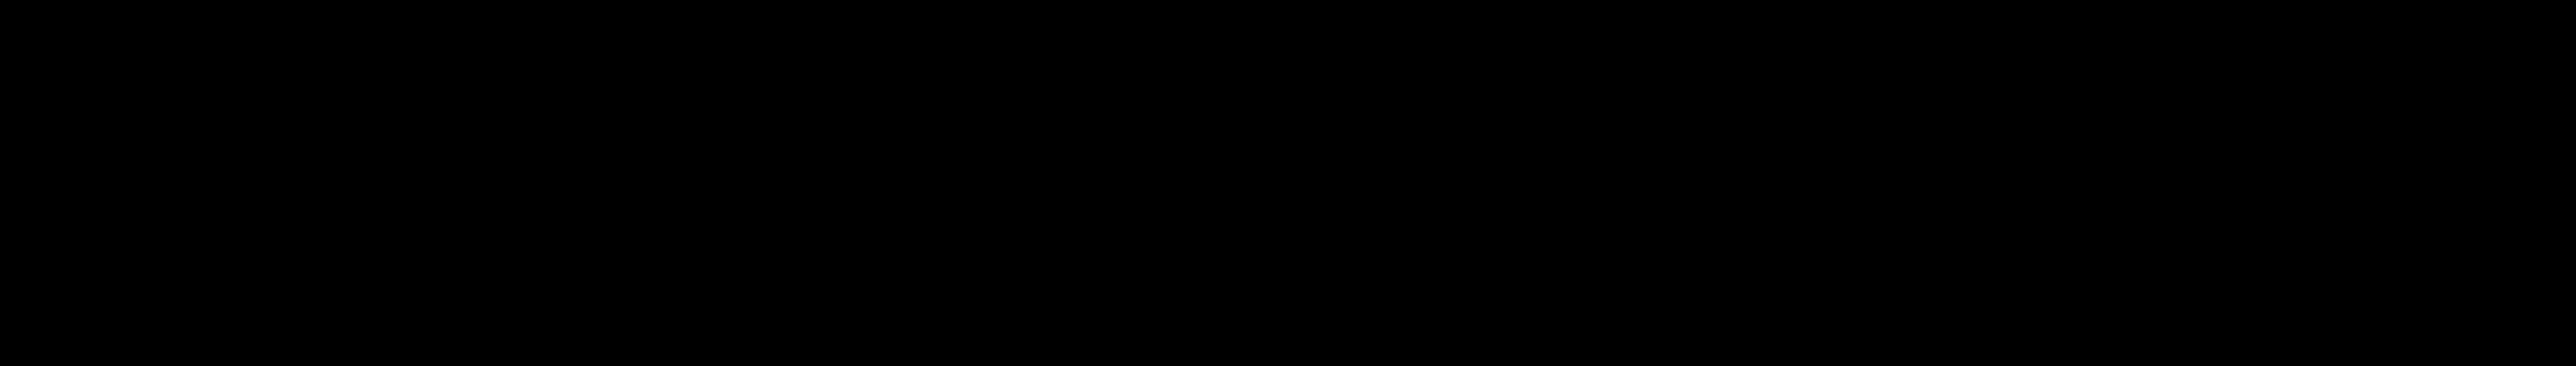 Cyclomax